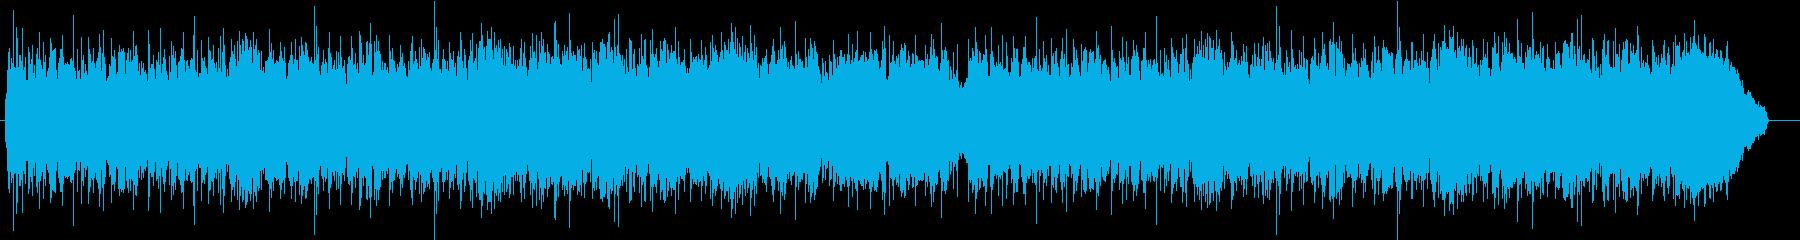 ダークヒーローのBGMなどにの再生済みの波形